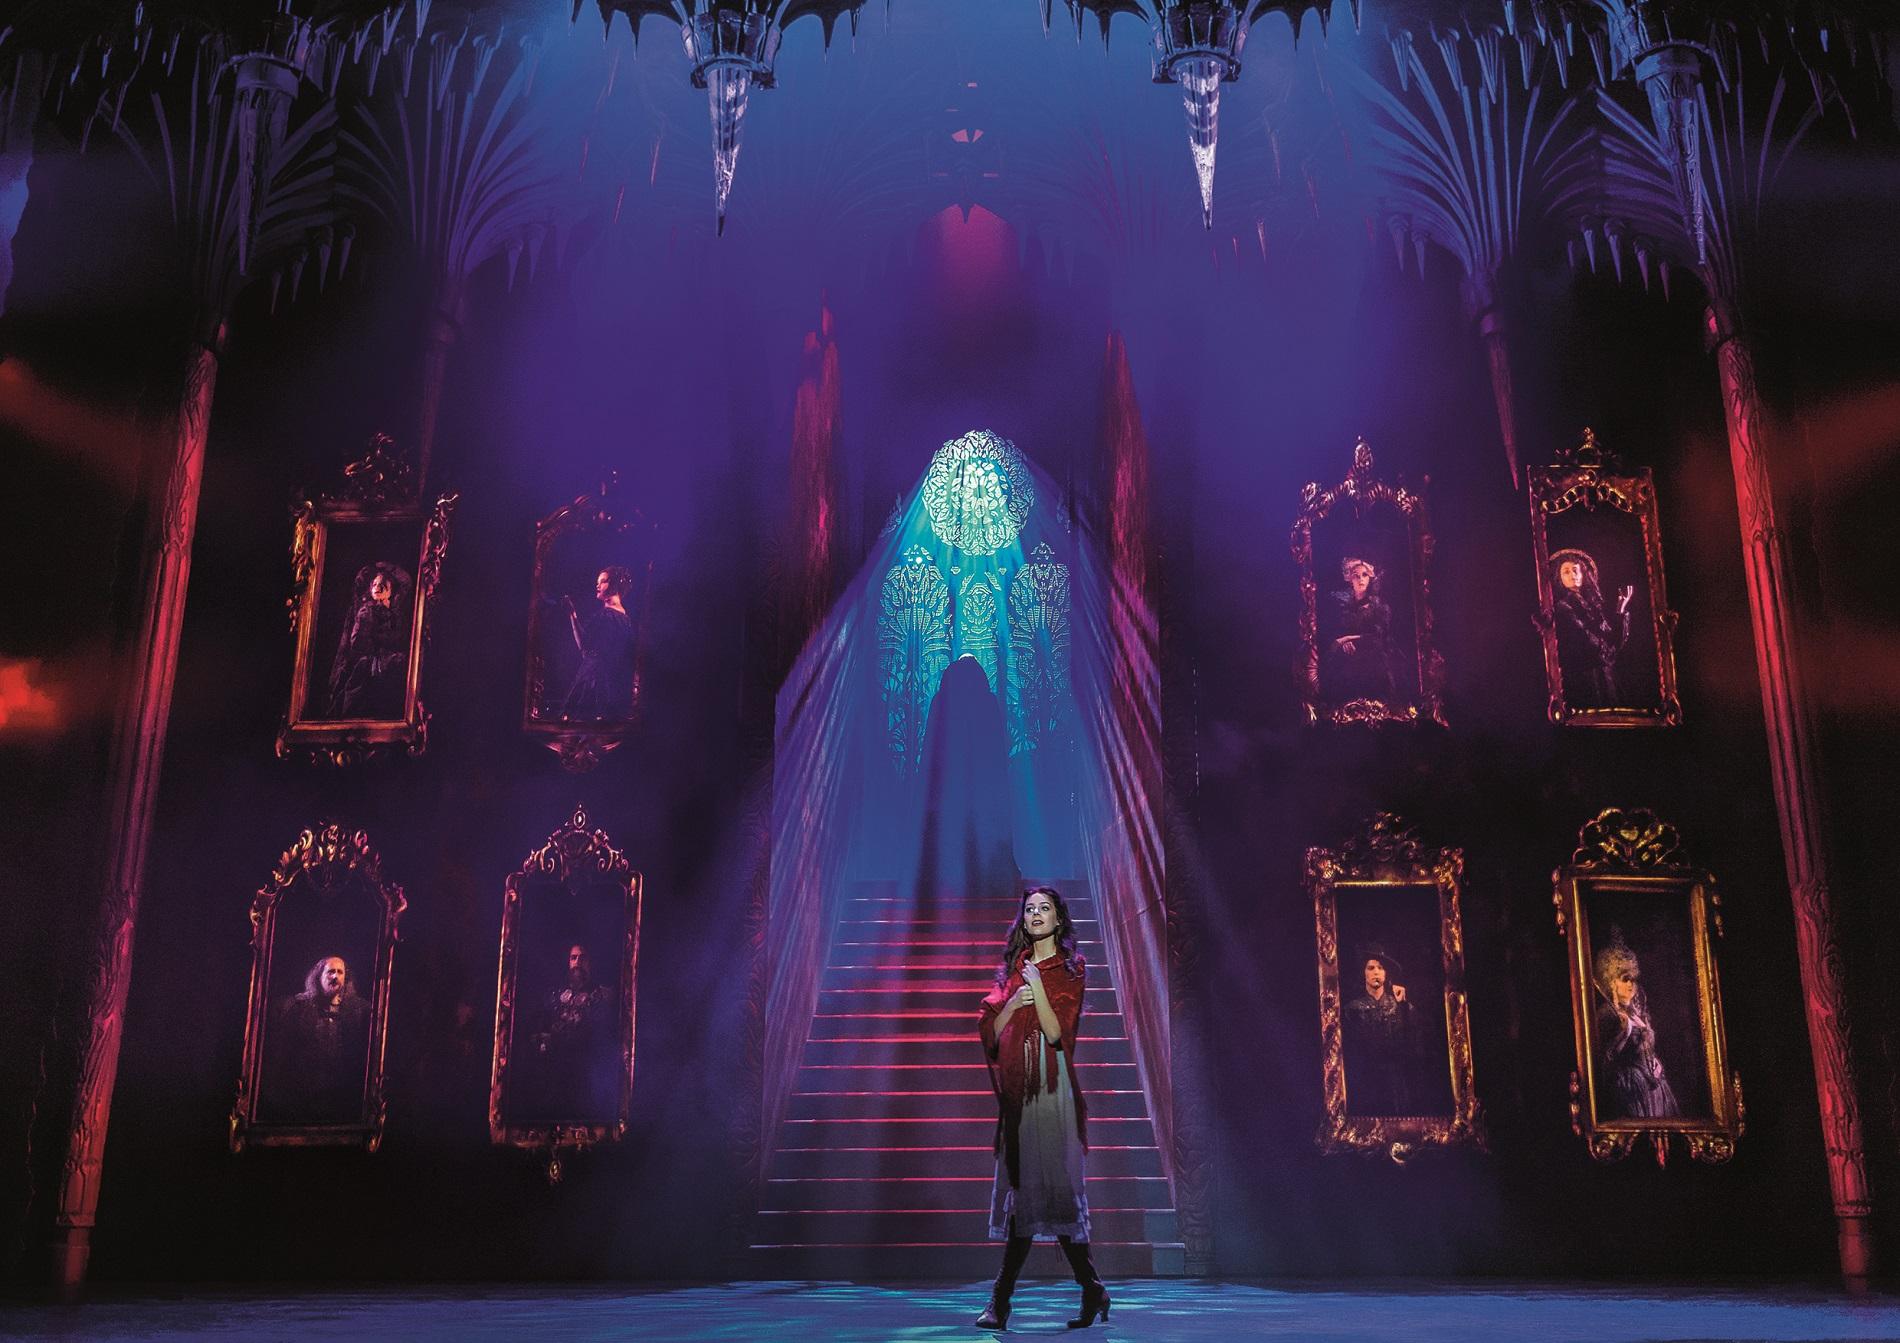 Der Siegeszug der Vampire nach der Uraufführung der Vereinigten Bühnen Wien im Jahr im Wiener Raimund Theater reicht dabei um die ganze Welt. Die perfekte Mischung aus packenden Rock-Balladen, umwerfender Komik, fulminanten Tanzszenen und opulenter Ausstattung begeisterte mittlerweile rund 9,4 Millionen Zuschauer weltweit.